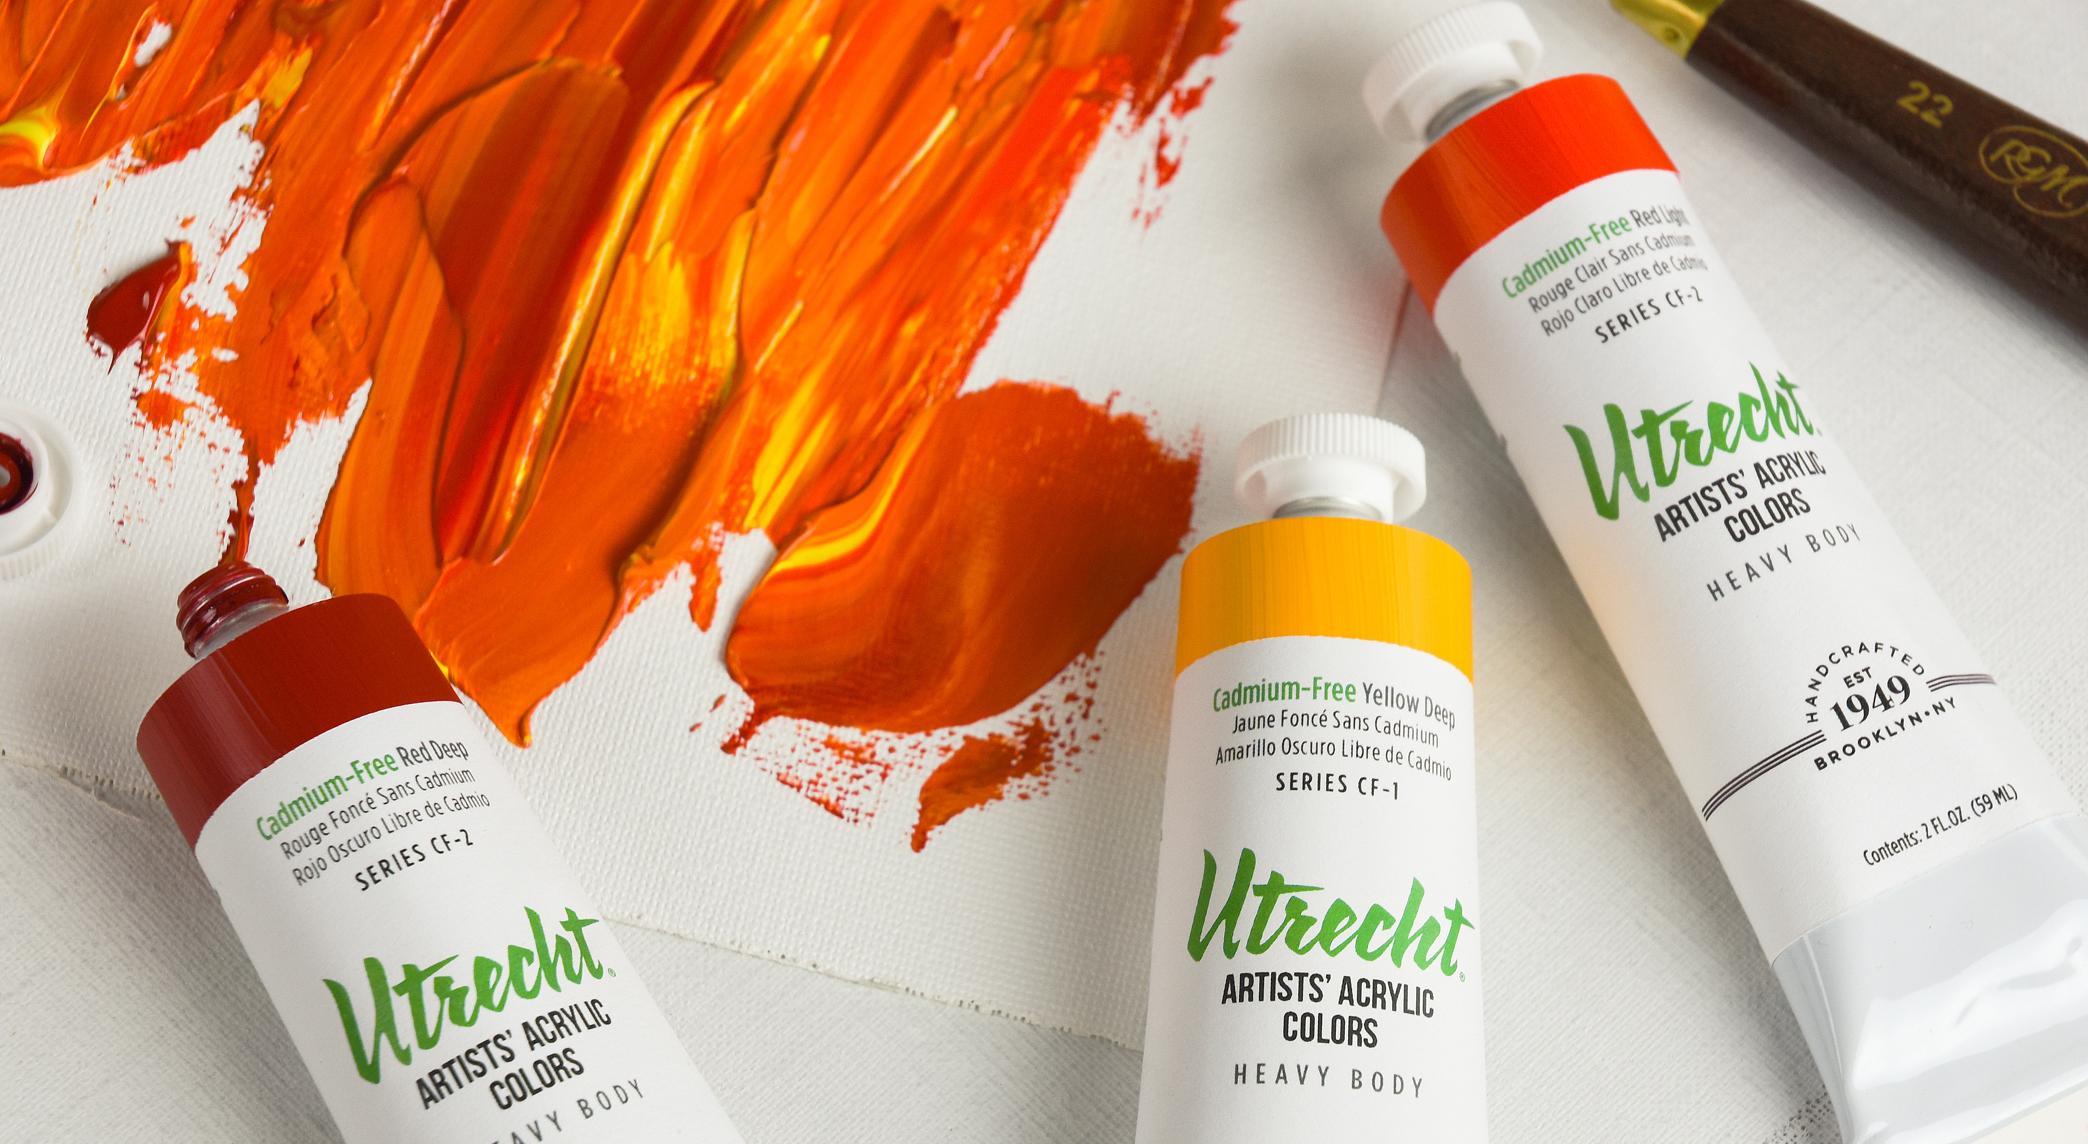 BLICK Art Materials - Utrecht Artists Cadmium Free